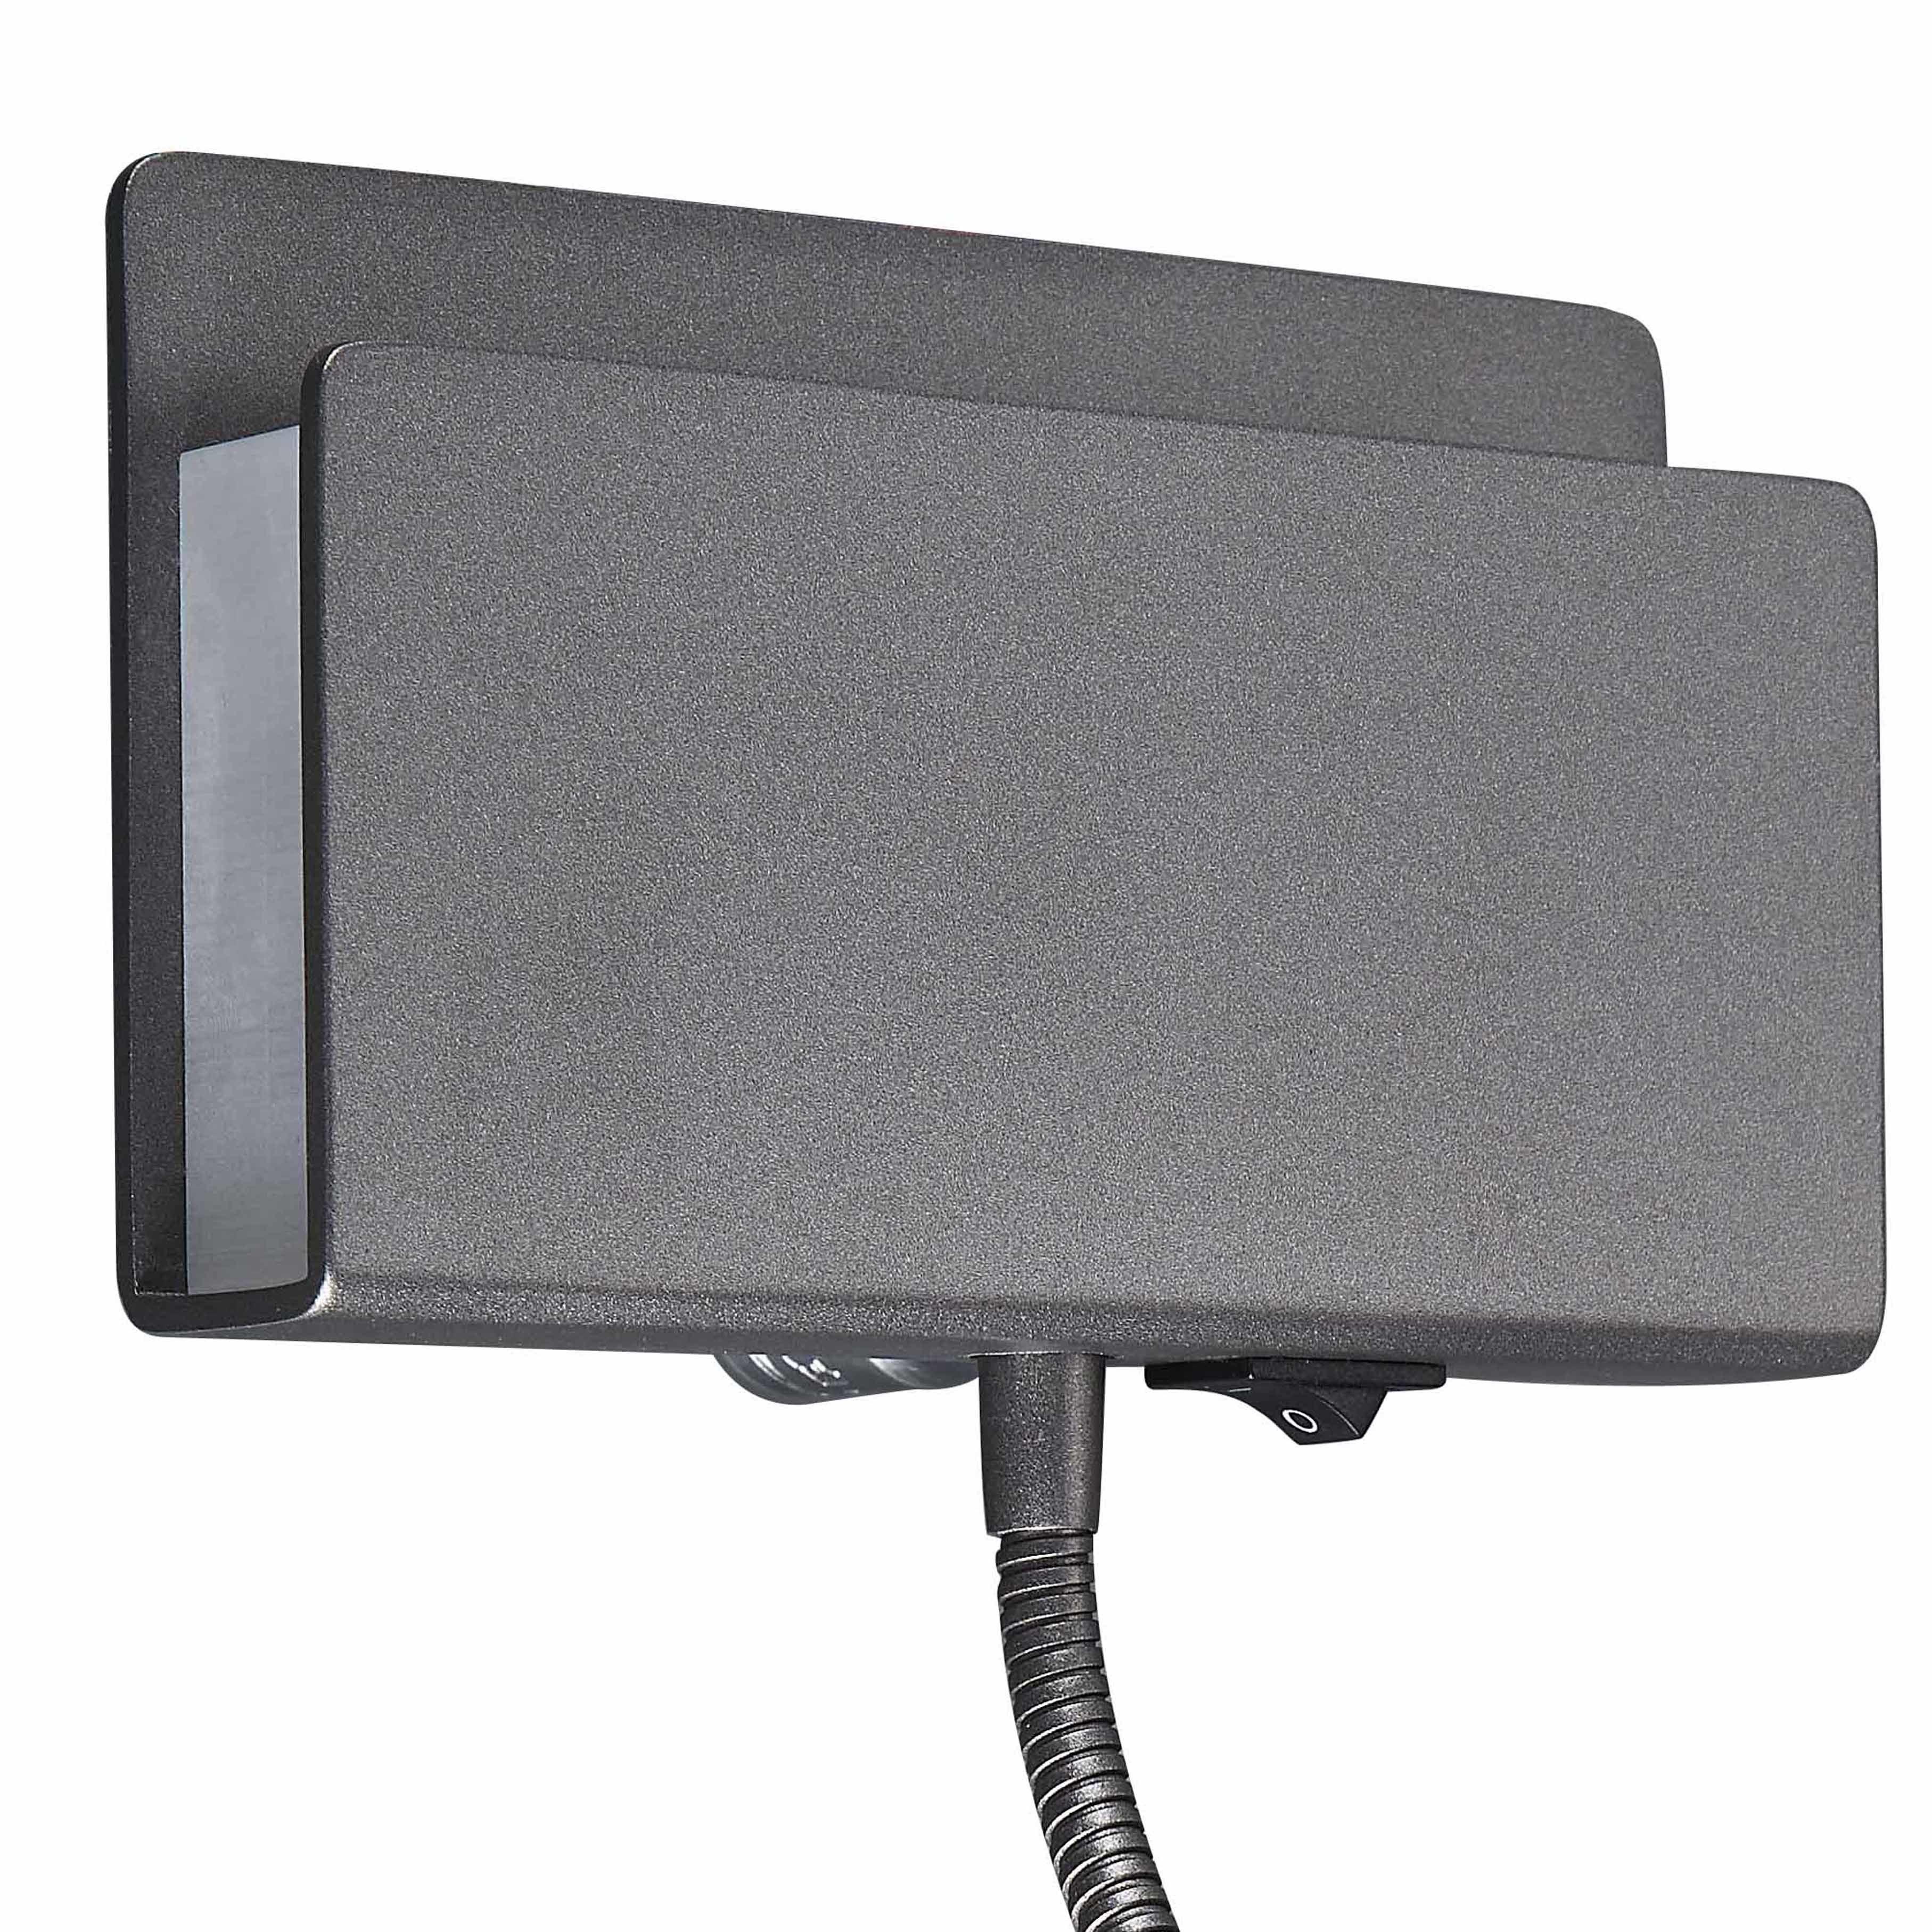 Настенный светильник с регулировкой направления света с дополнительной подсветкой Mantra Cabarete 5714, белый, черный, металл, пластик - фото 2